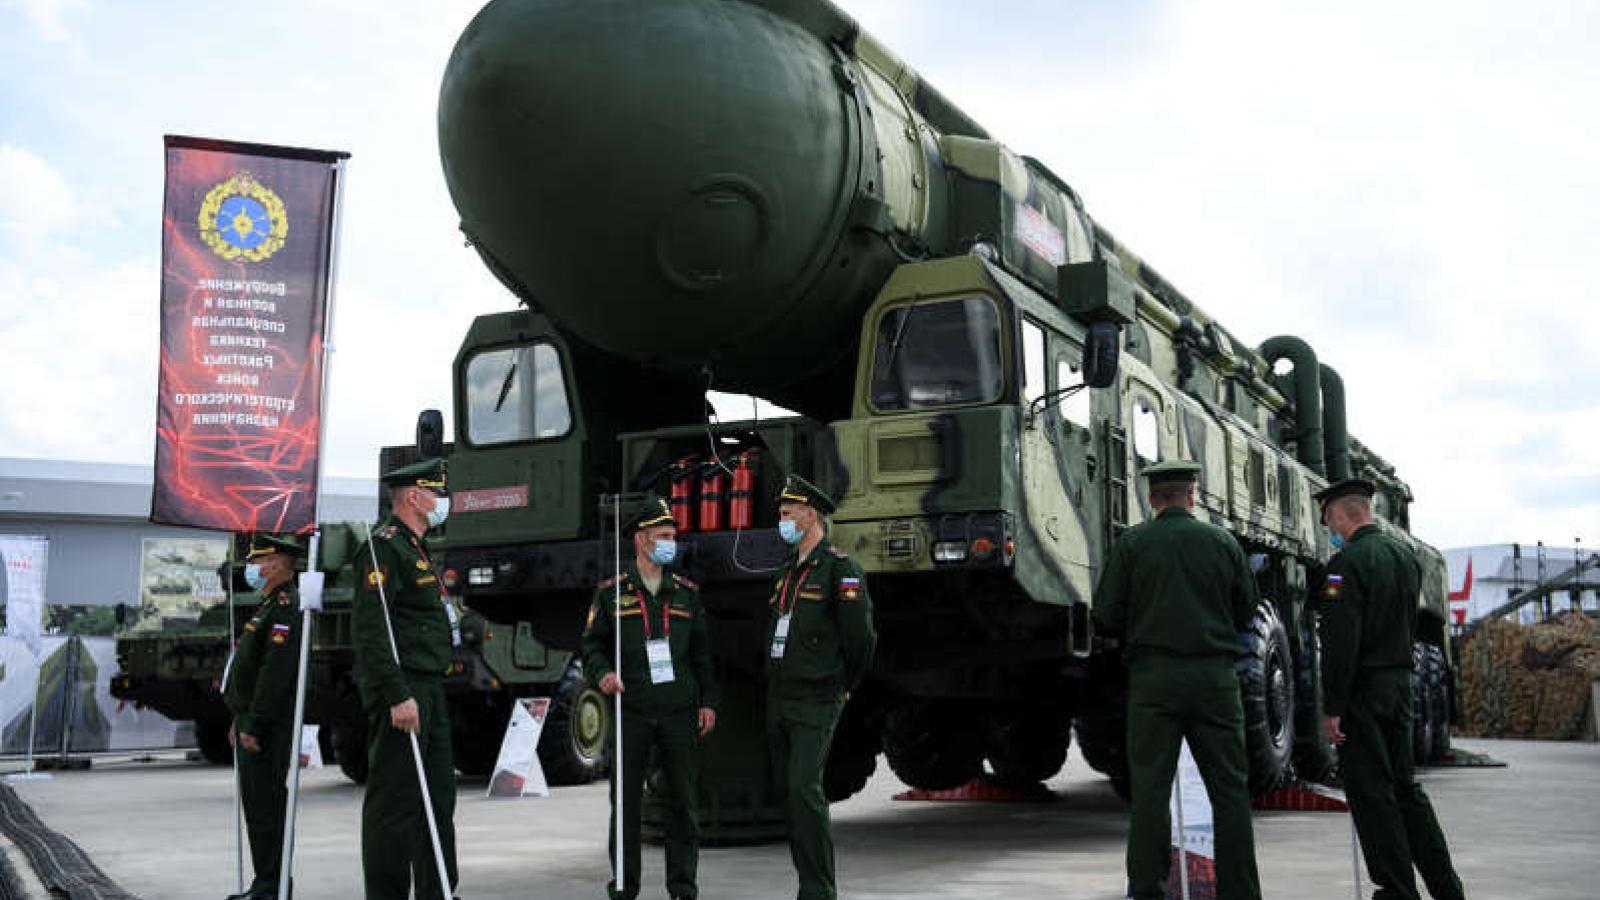 Nga thử tên lửa vận tốc gấp 4 lần đạn AK-47 trong lúc căng thẳng với phương Tây